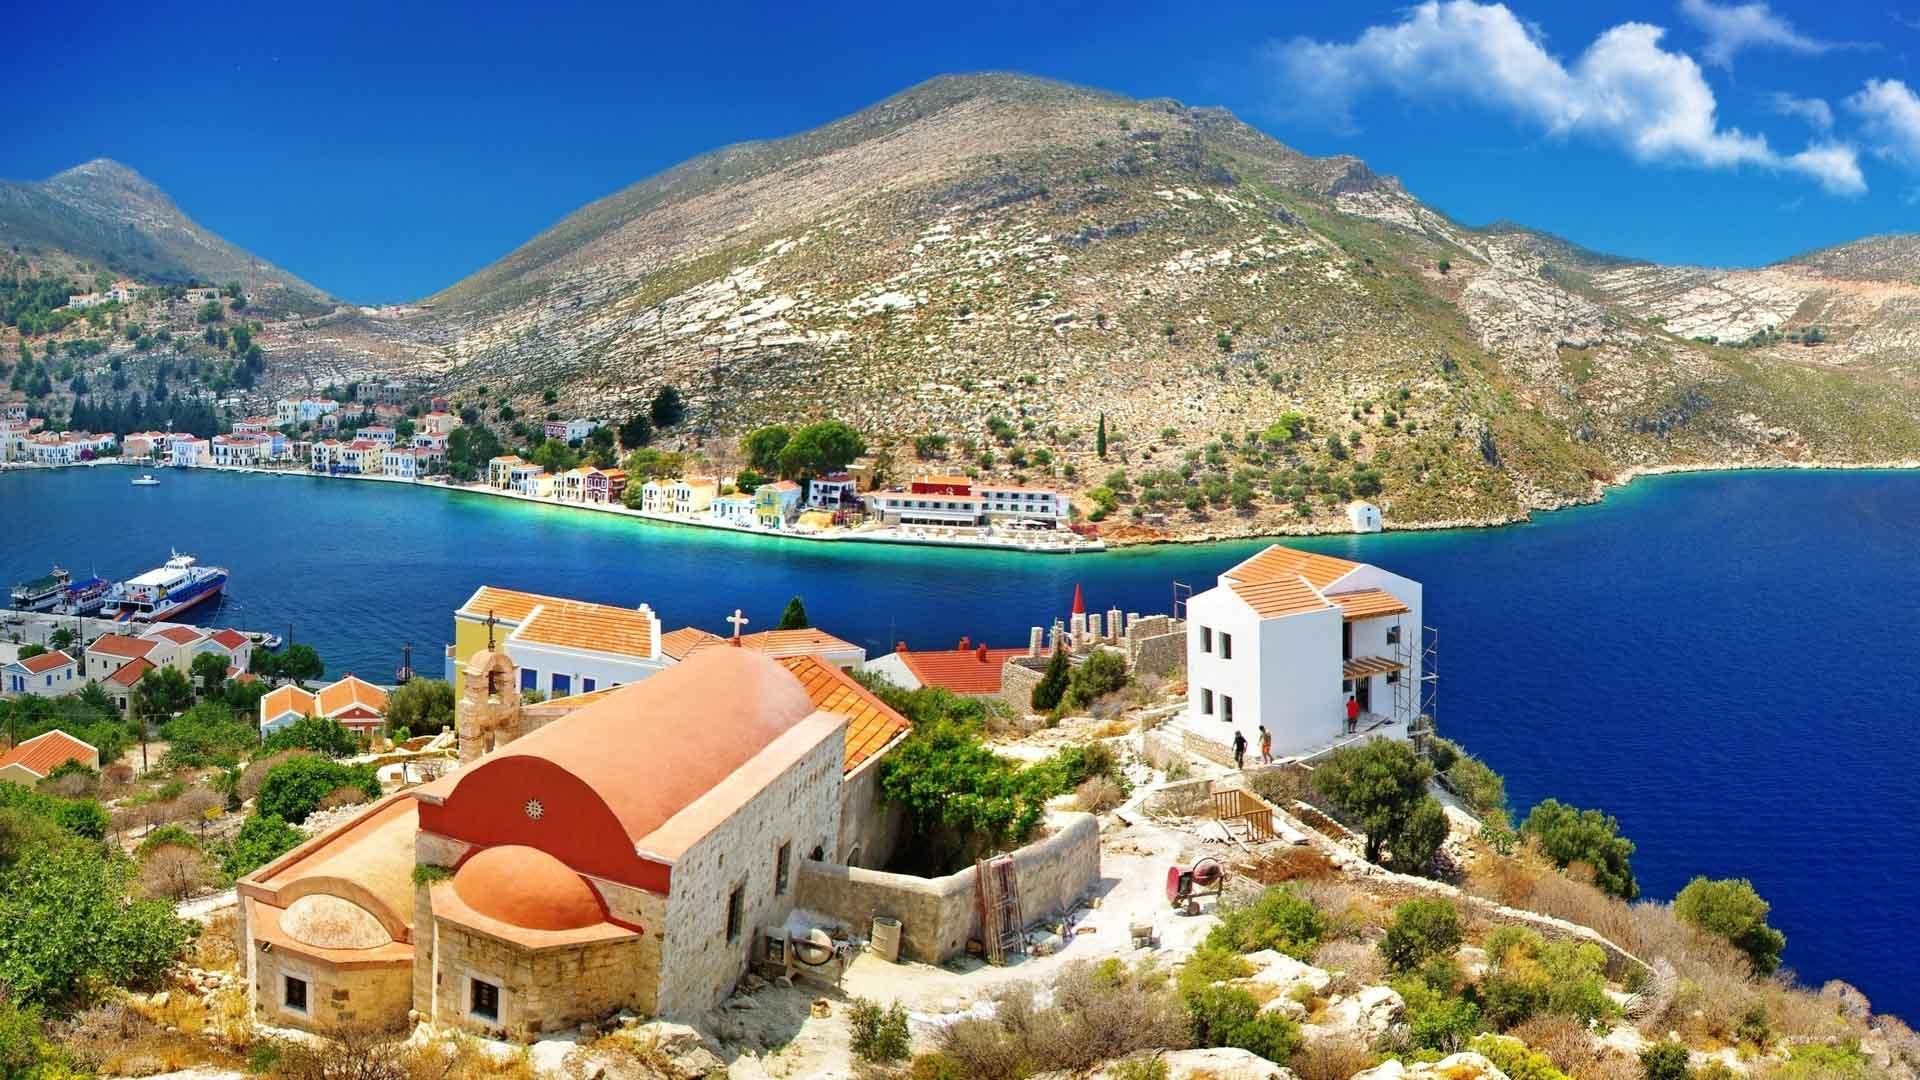 Grecia s-ar putea închide din august pentru turiști. Anunțul trist al autorităților